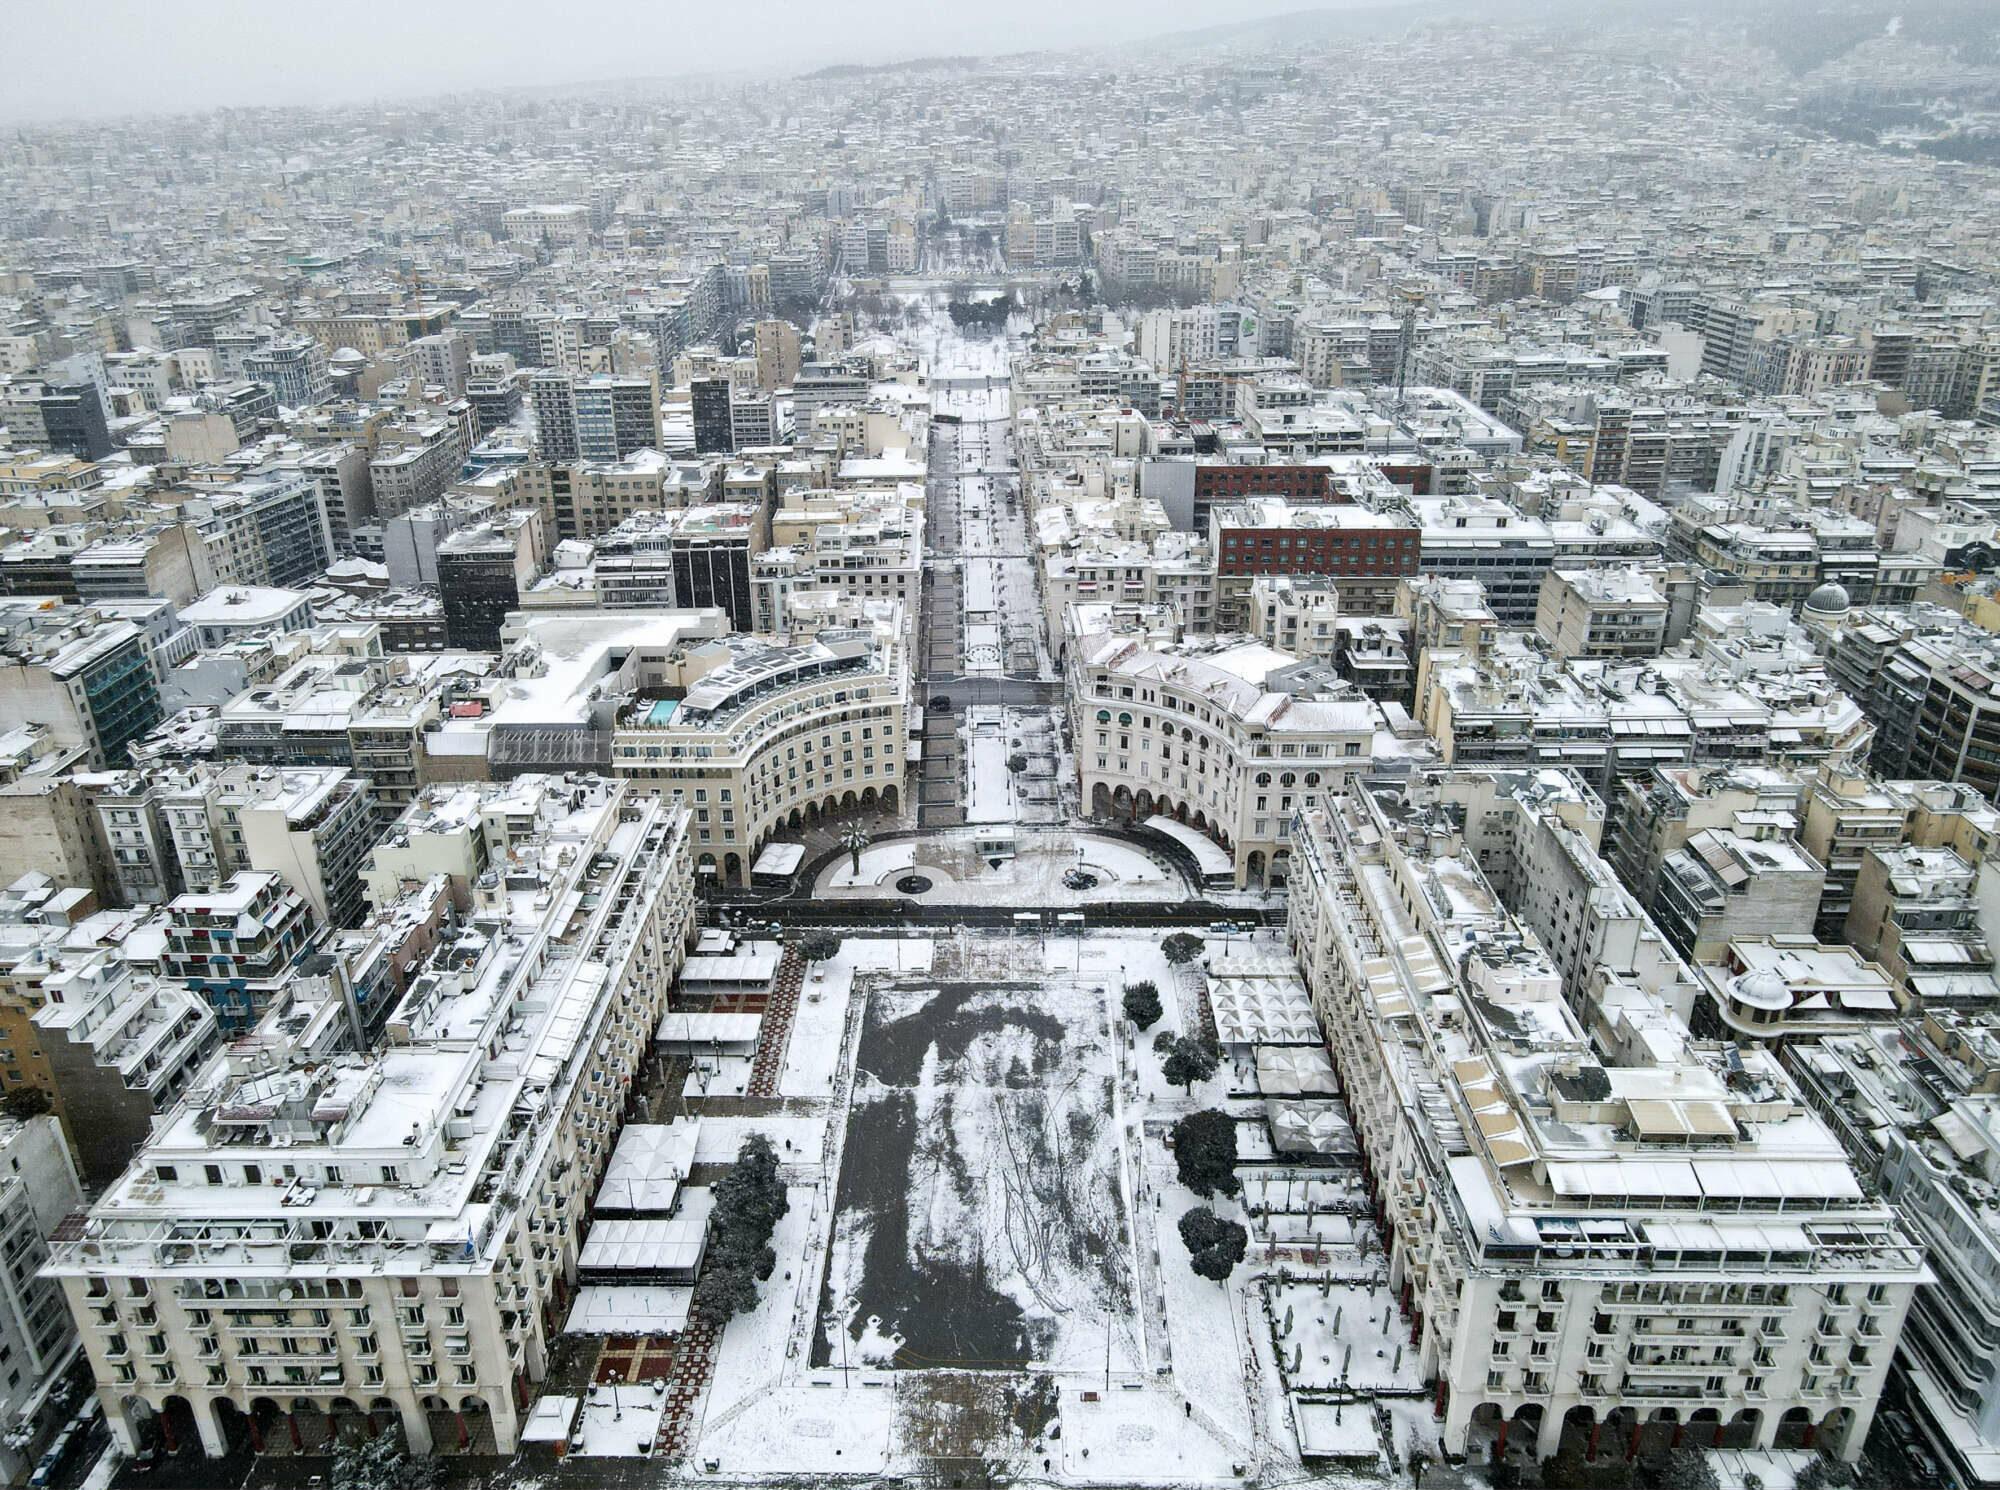 Θεσσαλονίκη. Η πλατεία Αριστοτέλους από ψηλά